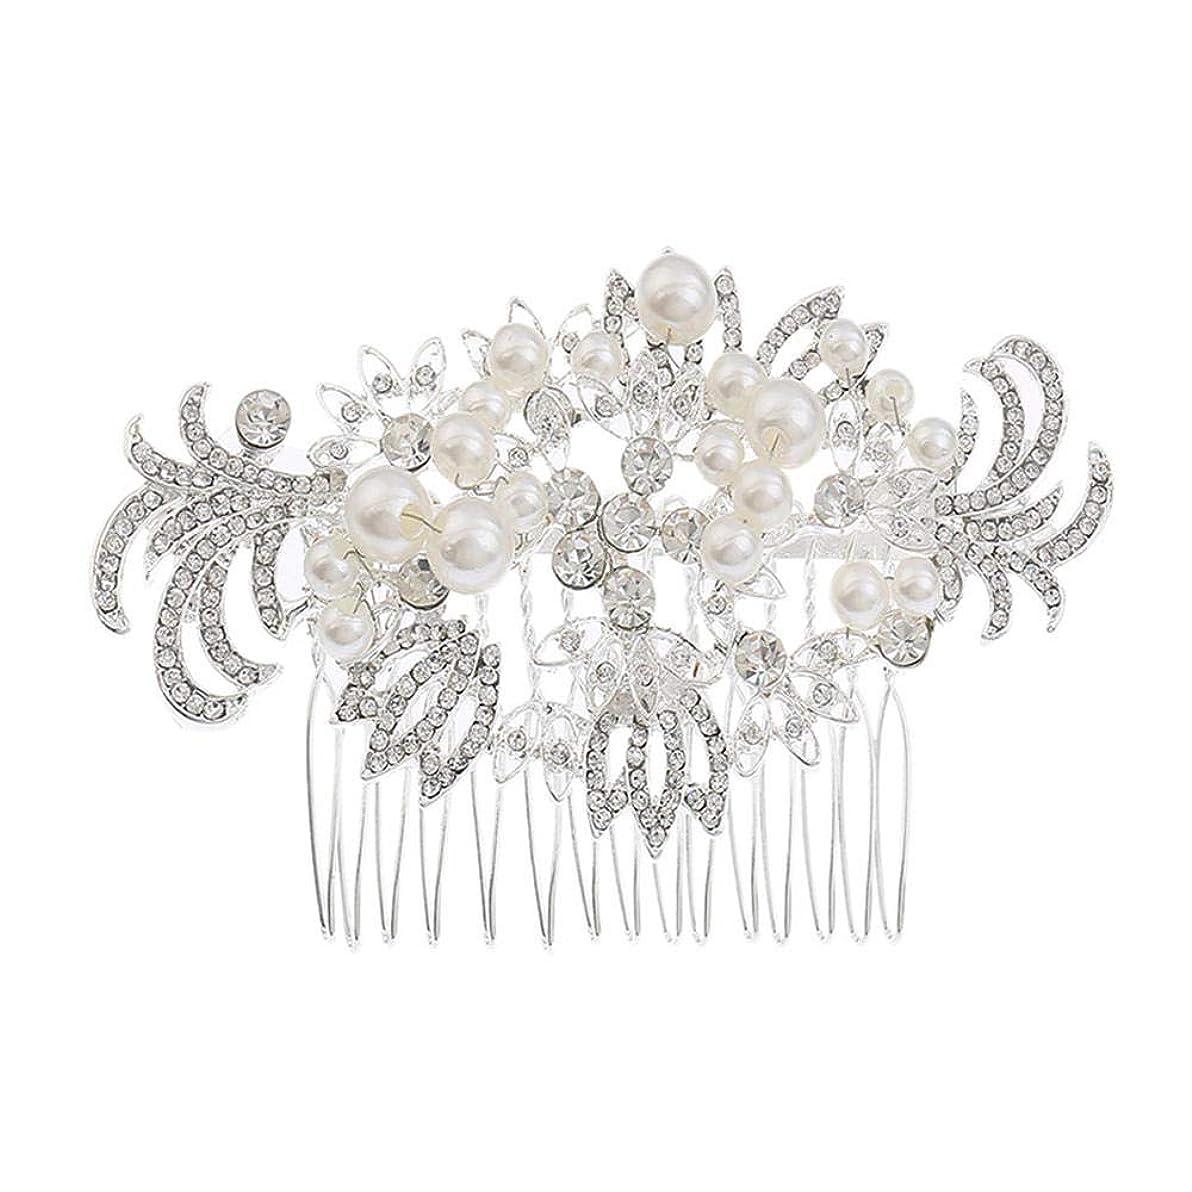 あえて再生脚髪の櫛挿入櫛花嫁の髪櫛真珠の髪の櫛ラインストーンの髪の櫛結婚式のヘアアクセサリー合金の帽子ブライダルヘッドドレス